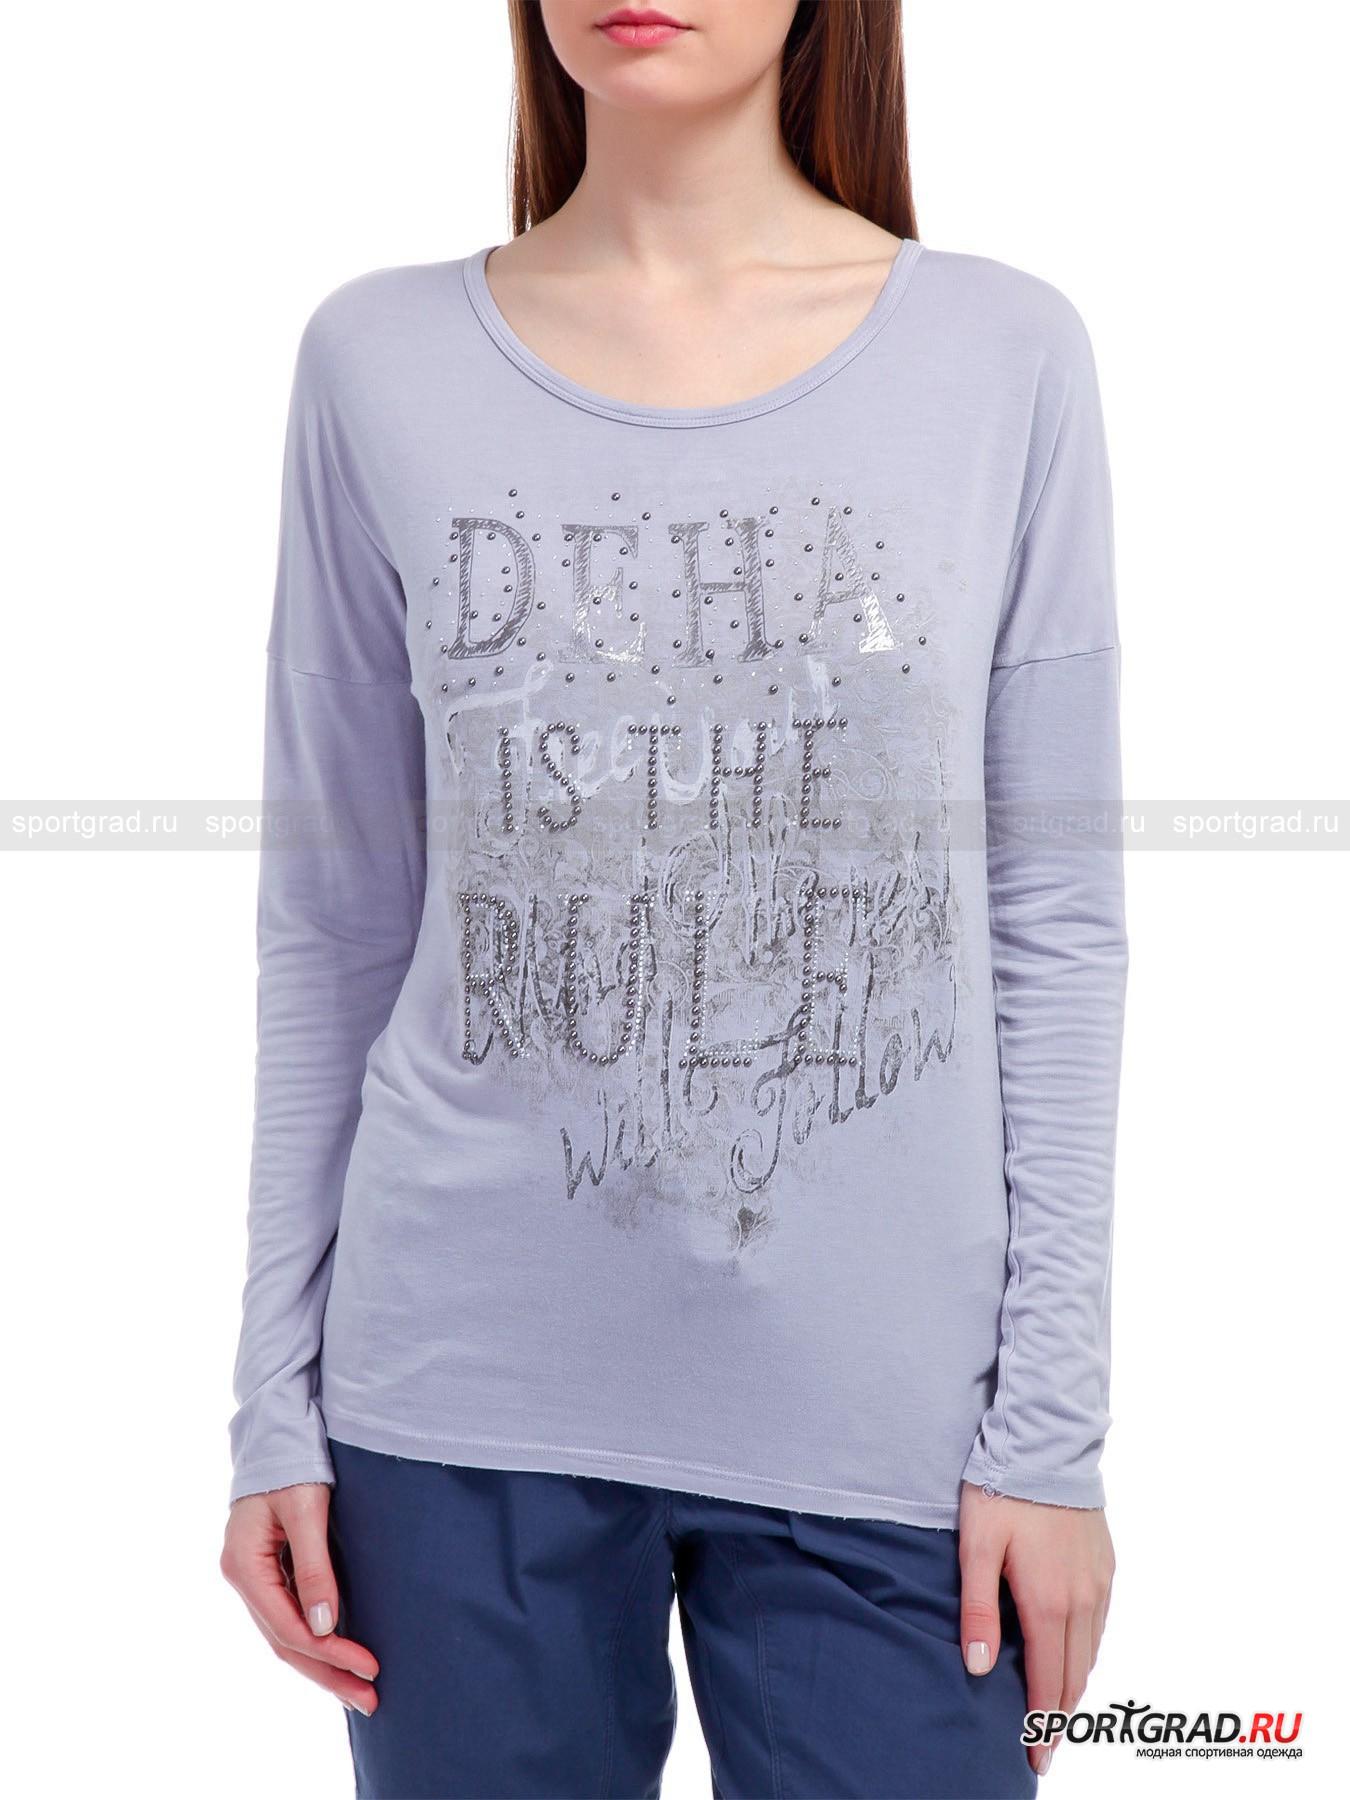 Лонгслив женский T-shirt  l/s DEHA со стразами и принтомДжемперы, Свитеры, Пуловеры<br>Великолепный женский лонгслив T-shirt l/s DEHA с приспущенной проймой, богато украшенный стразами и декорированный модно состаренным принтом спереди – демократичная модель, которая составит удачный комплект как со спортивными брюками или капри, так и джинсами. Созданное из обогащенного эластаном вискозного полотна, изделие упруго тянется, прекрасно вентилируется и гарантирует вольготную посадку. <br><br>Длина изделия сзади от горловины до низа ок. 62, 5 см, длина рукава по внутреннему шву 48 см, ширина груди 48 см, ширина по бедрам 47, 5 см (размер S).<br><br>Пол: Женский<br>Возраст: Взрослый<br>Тип: Джемперы, Свитеры, Пуловеры<br>Рекомендации по уходу: Изделию показана стирка при температуре 40°, глажка при температуре, не превышающей 110°, и химчистка. Запрещены отбеливание и сушка в стиральной машине или электросушилке для белья.<br>Состав: 96% вискоза, 4% эластан